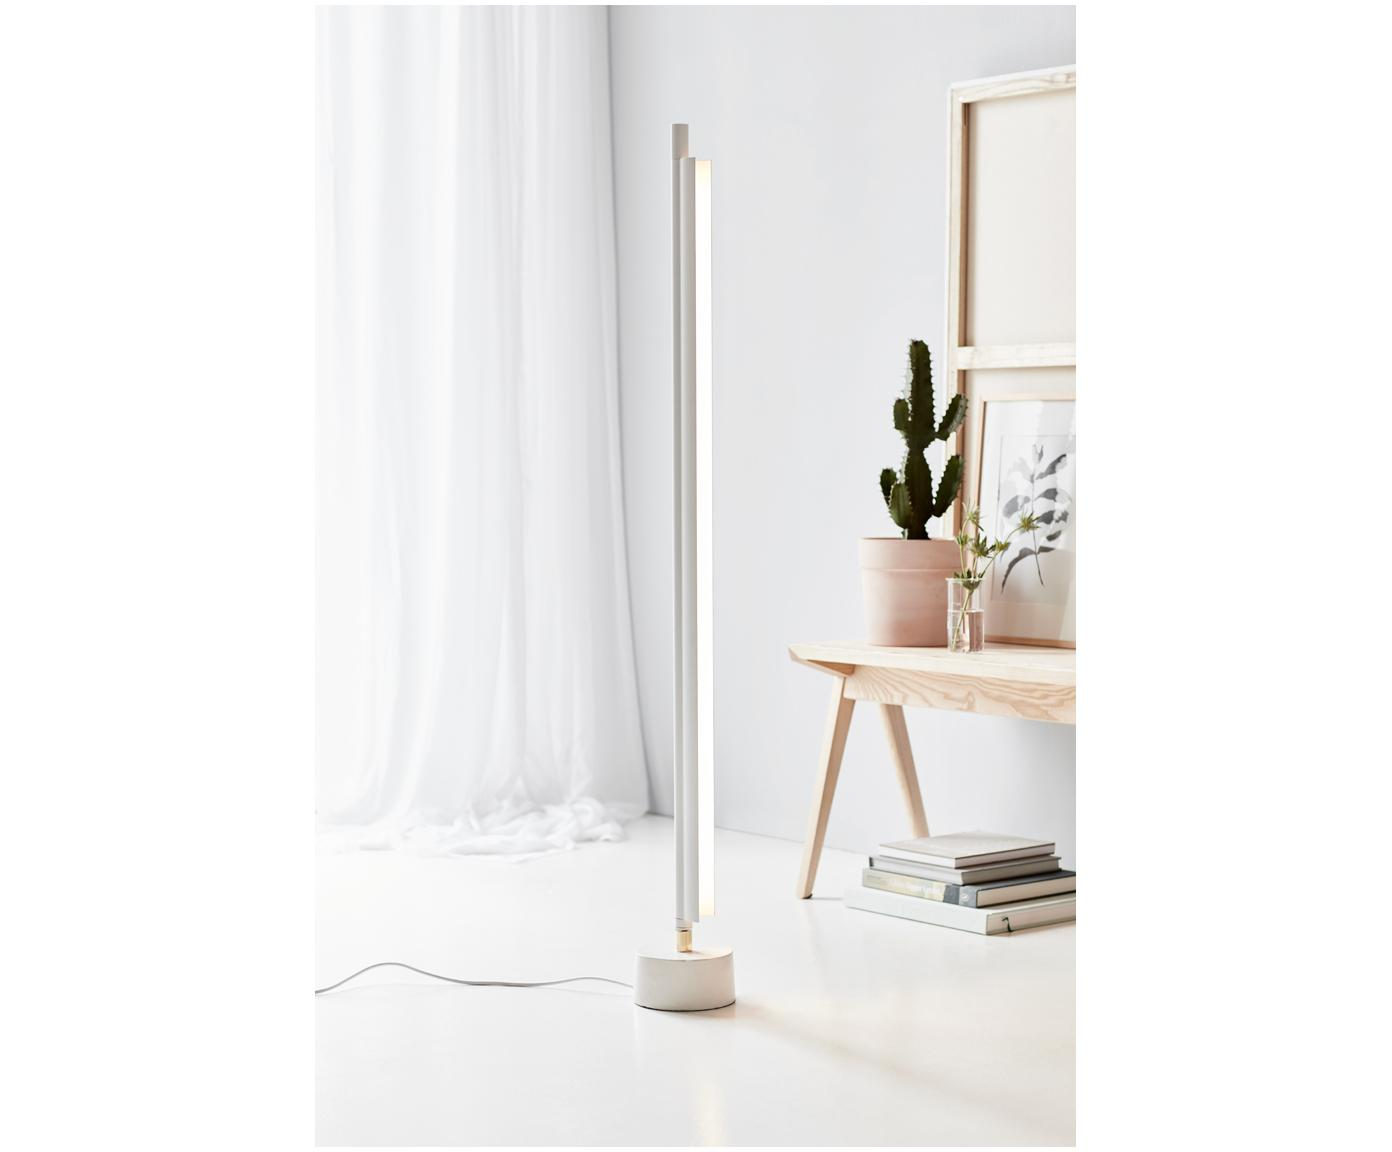 Lampa podłogowa LED z funkcją przyciemniania SpaceB, Biały, Ø 15 x W 128 cm